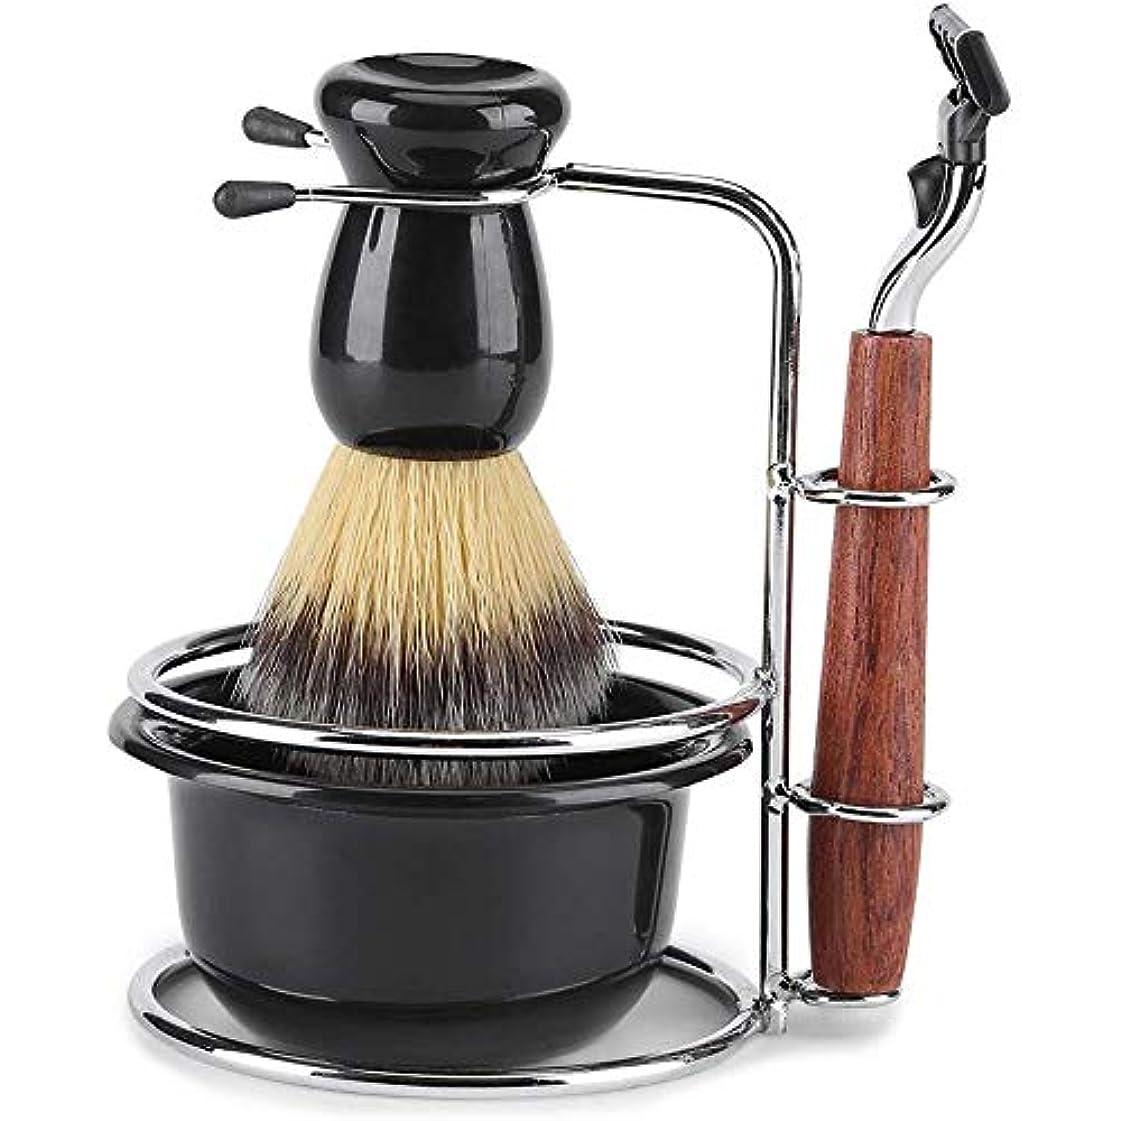 歯科の刺繍プレゼンテーション4セットシェービングブラシセットプラシスタンド 石鹸ボウル父の日プレゼント ひげブラシ シェービングブラシ 洗顔 髭剃り